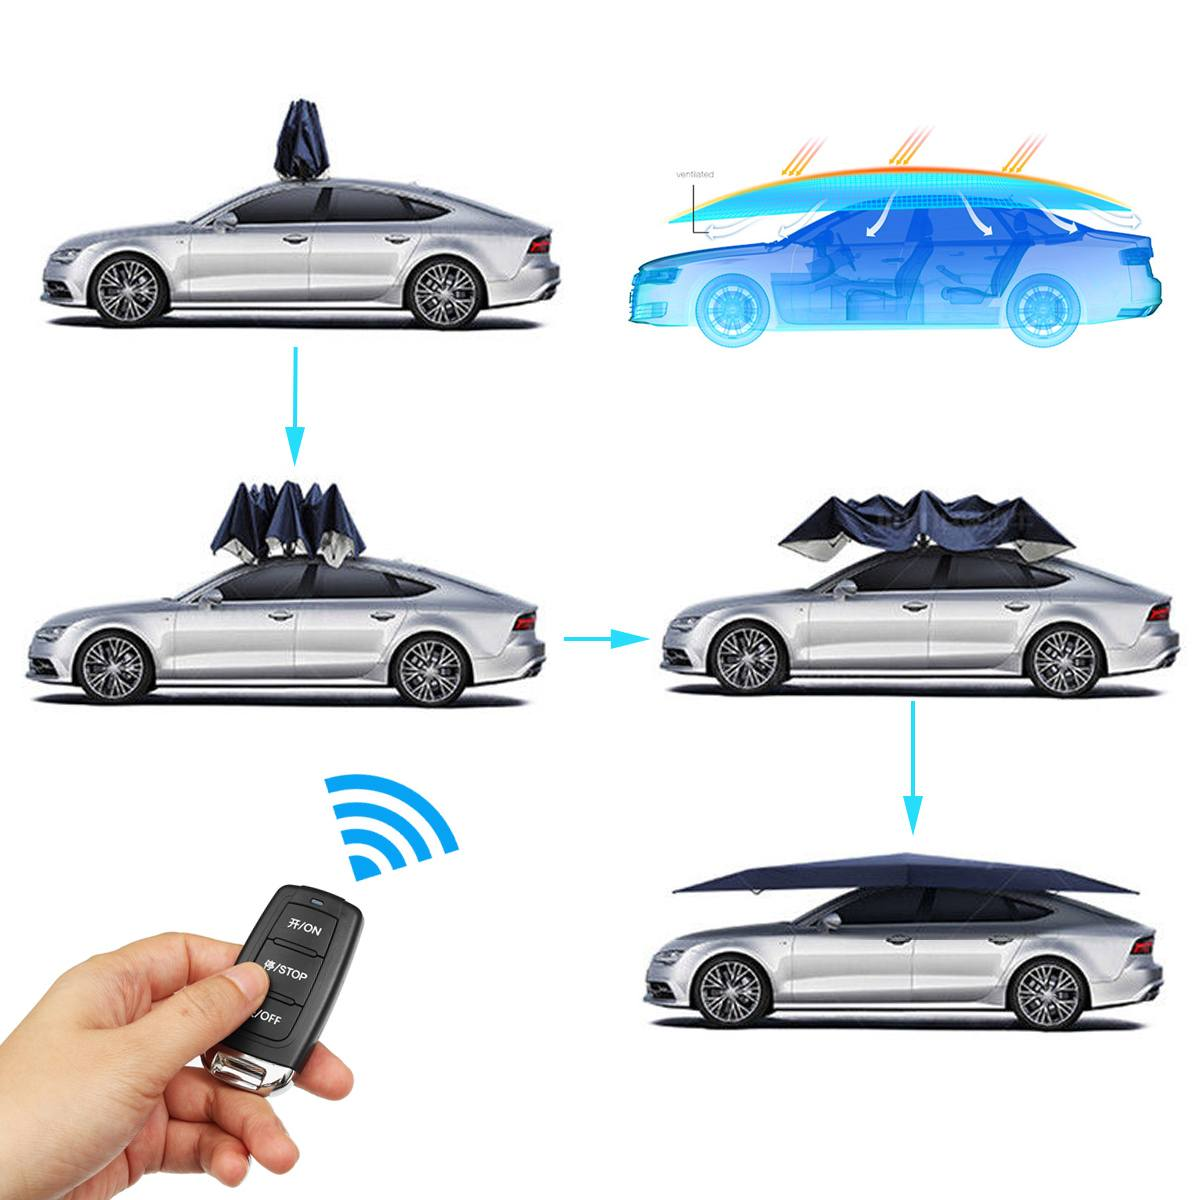 Portable complètement automatique bâche de voiture parapluie extérieur voiture tente parapluie couverture de toit Kits de Protection UV ombre de soleil avec télécommande